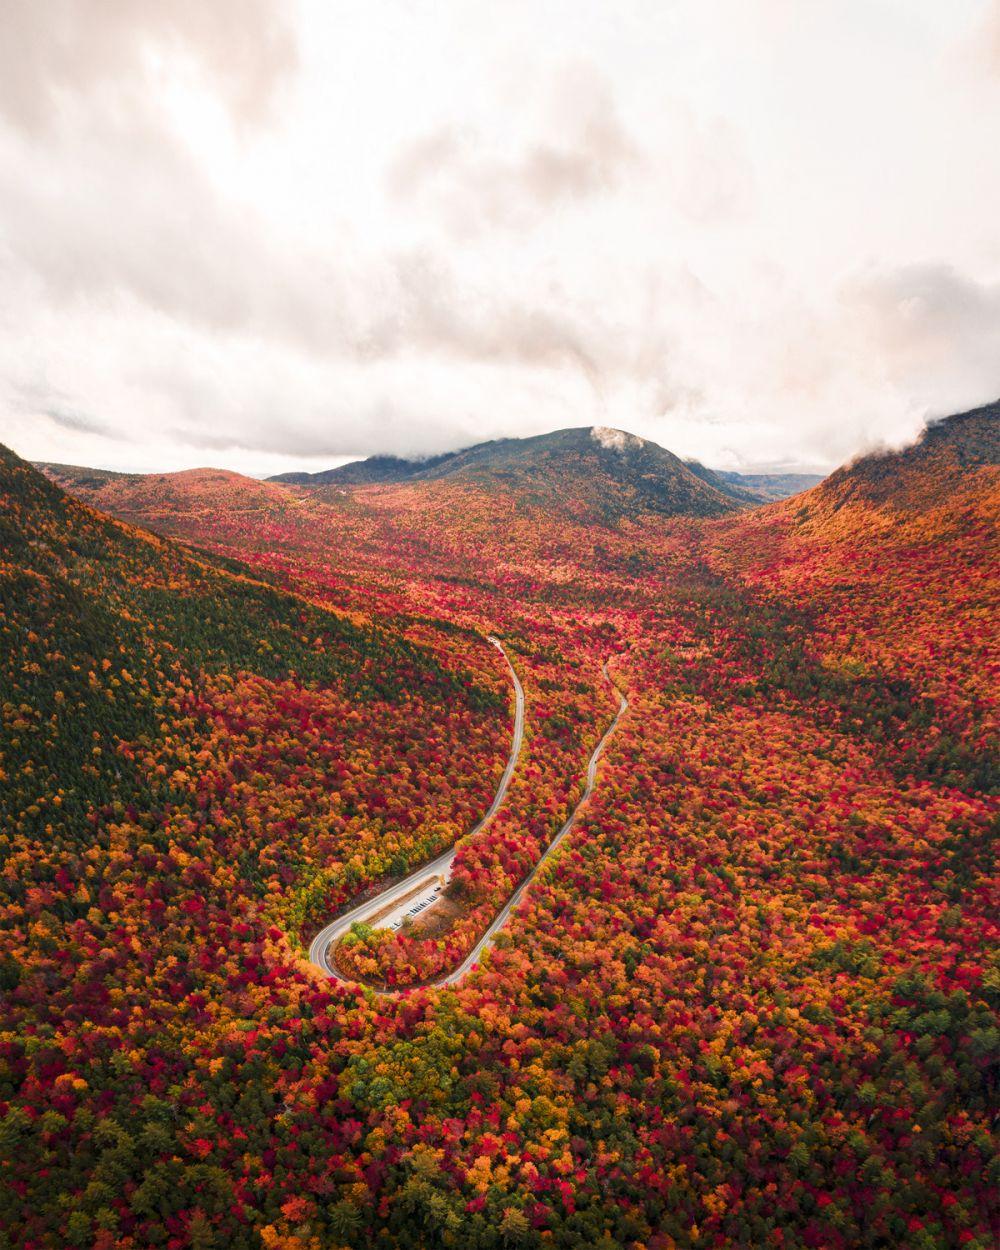 Также жюри отметили работу 17-летнего Бена Скаара из США: осенние краски в Белых горах Нью-Гэмпшира.